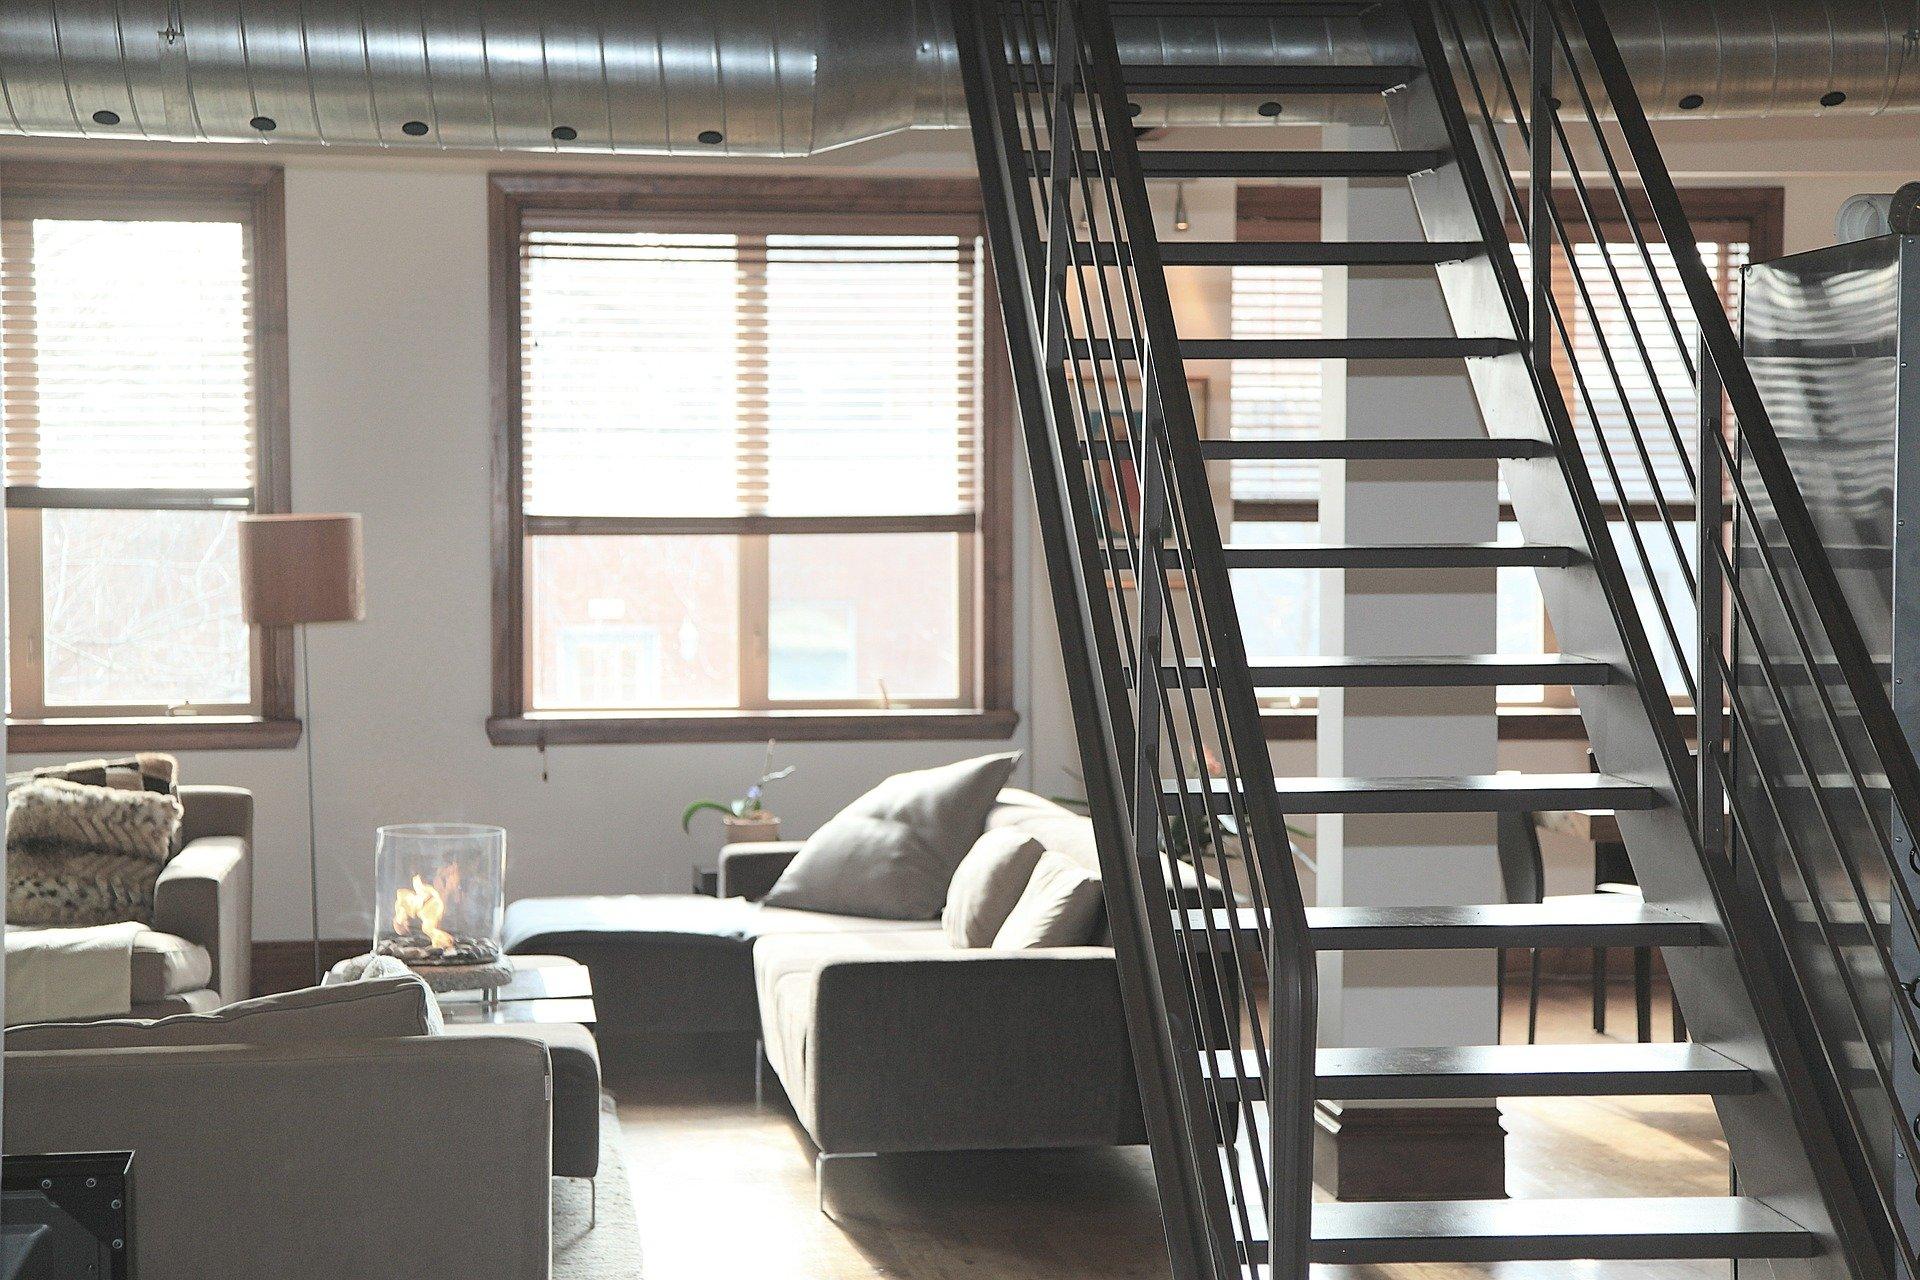 acheter un appartement loue